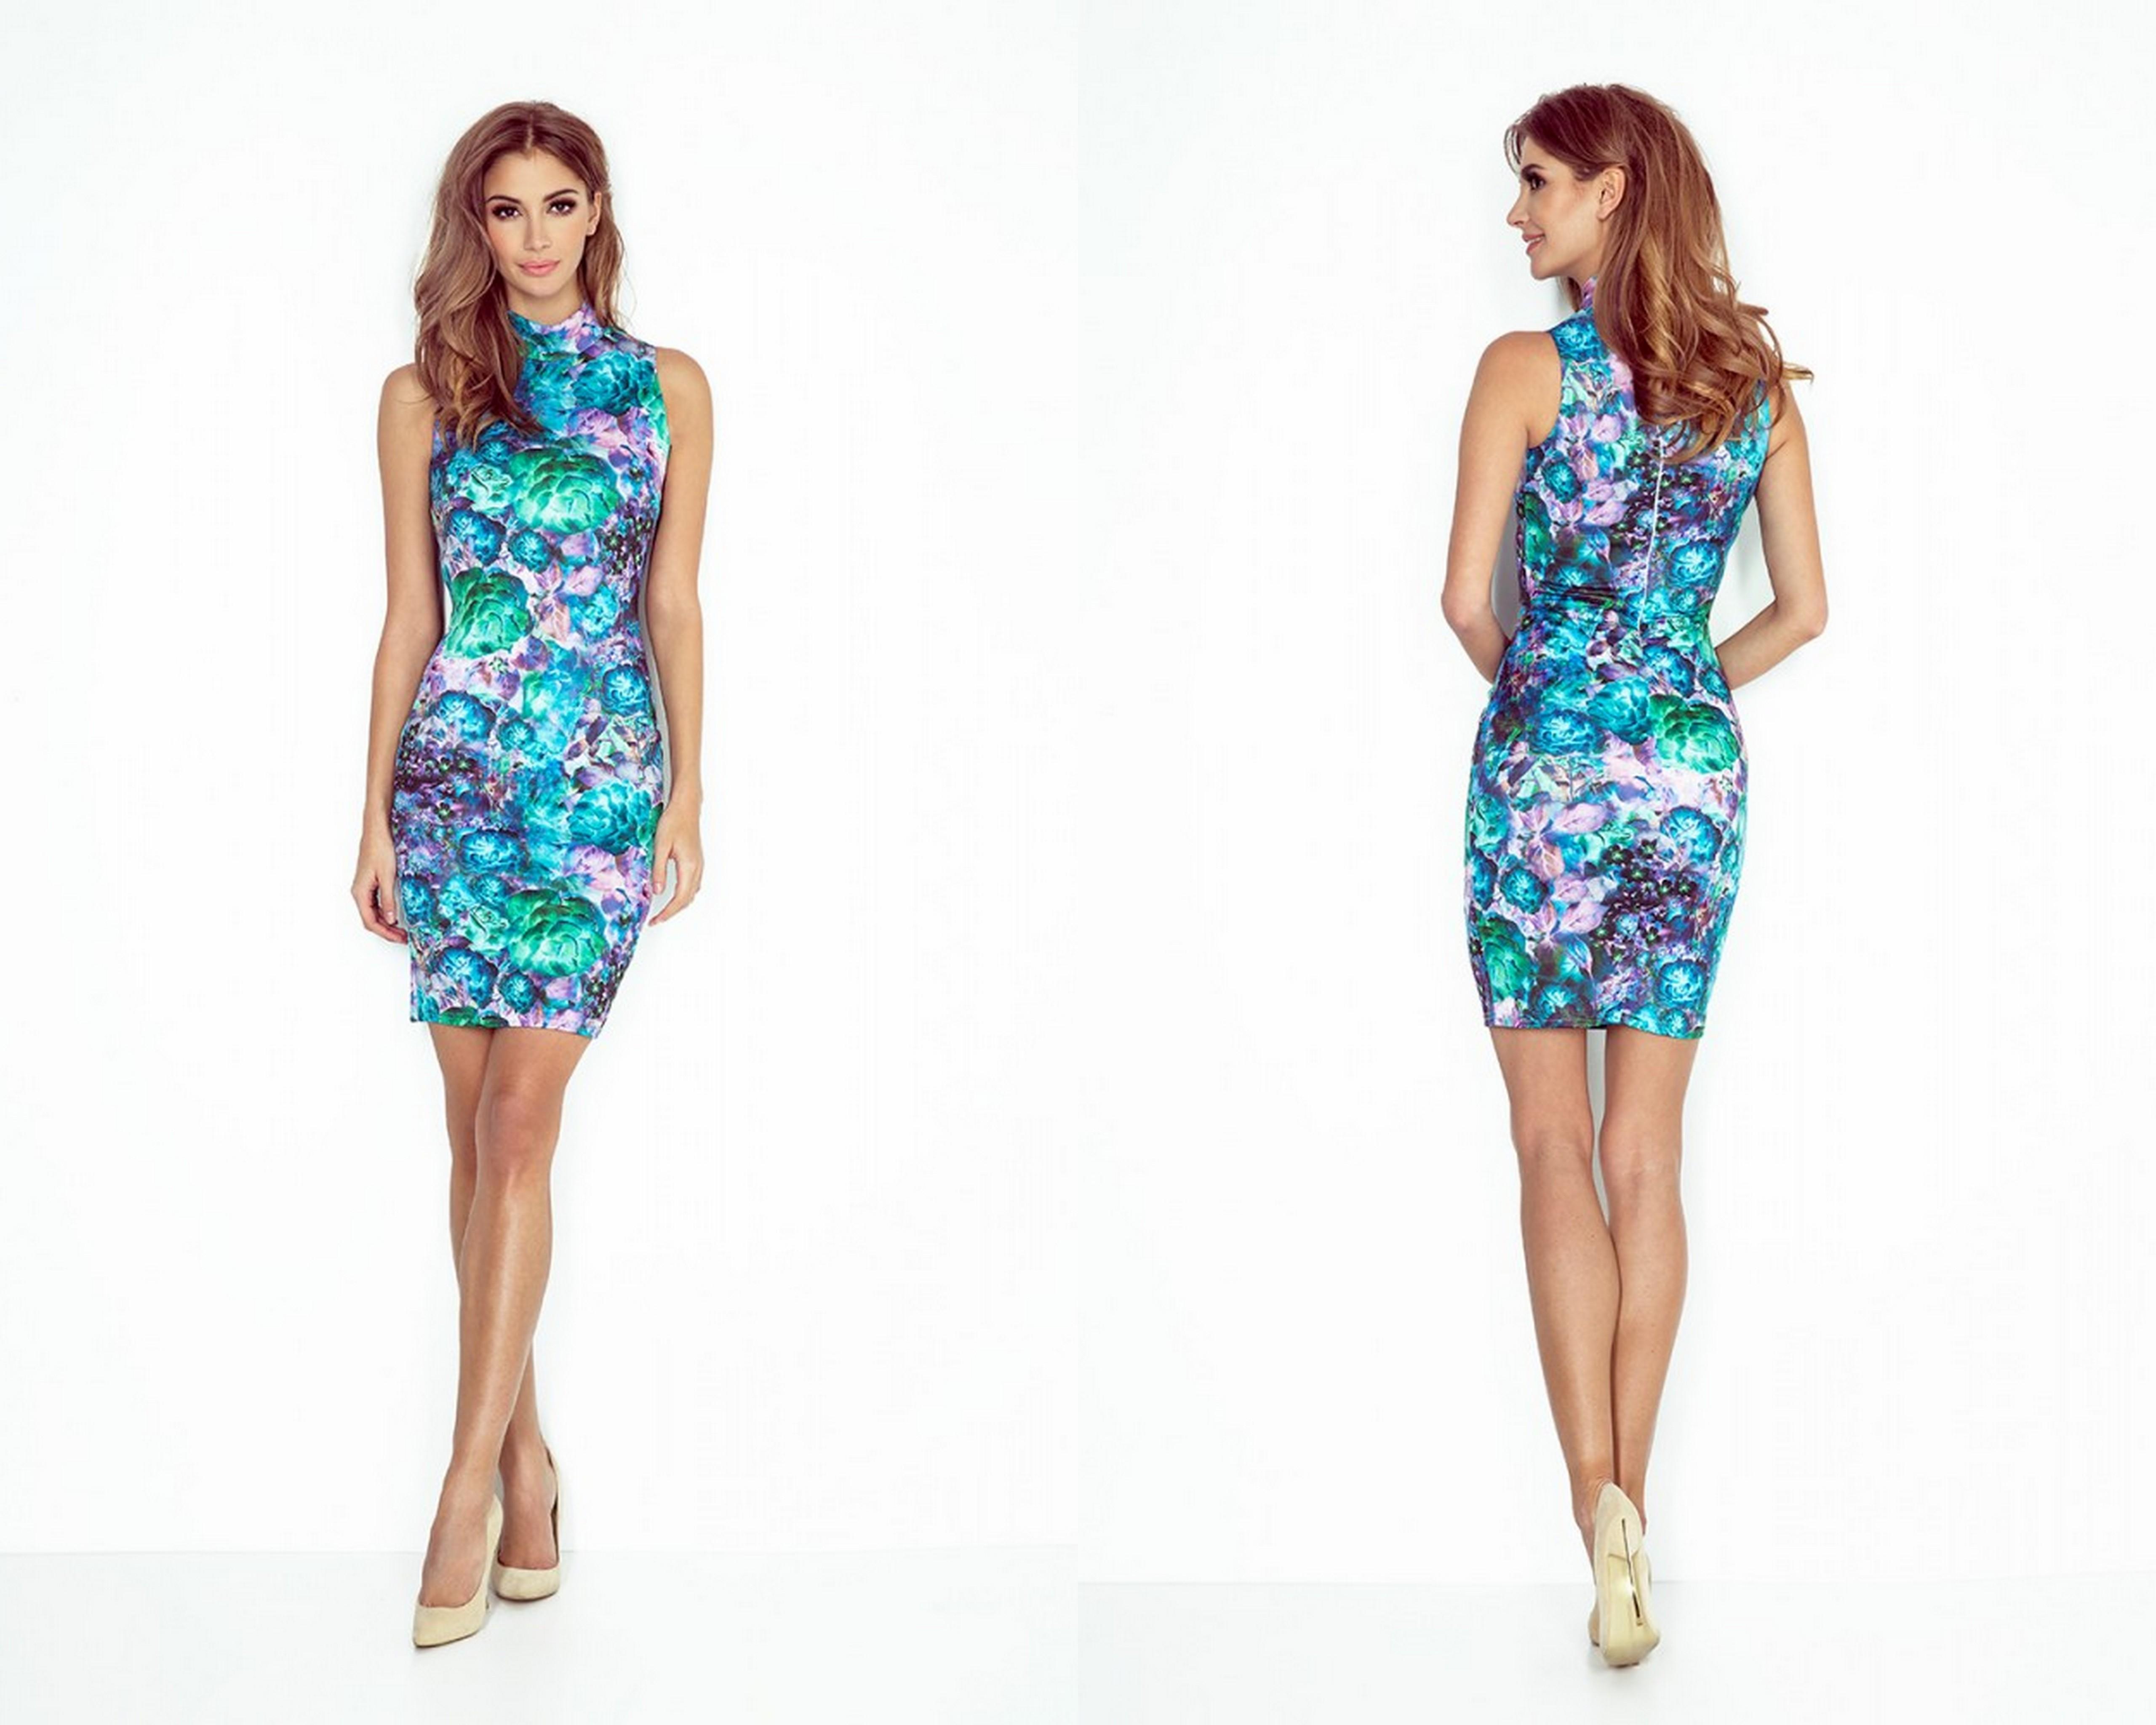 Elegantné šaty s kvetmi – elegantné šaty s motívom kvetov a malým rolákom.  Ideálne na večerné prechádzky alebo letné párty. e17d21dfe73